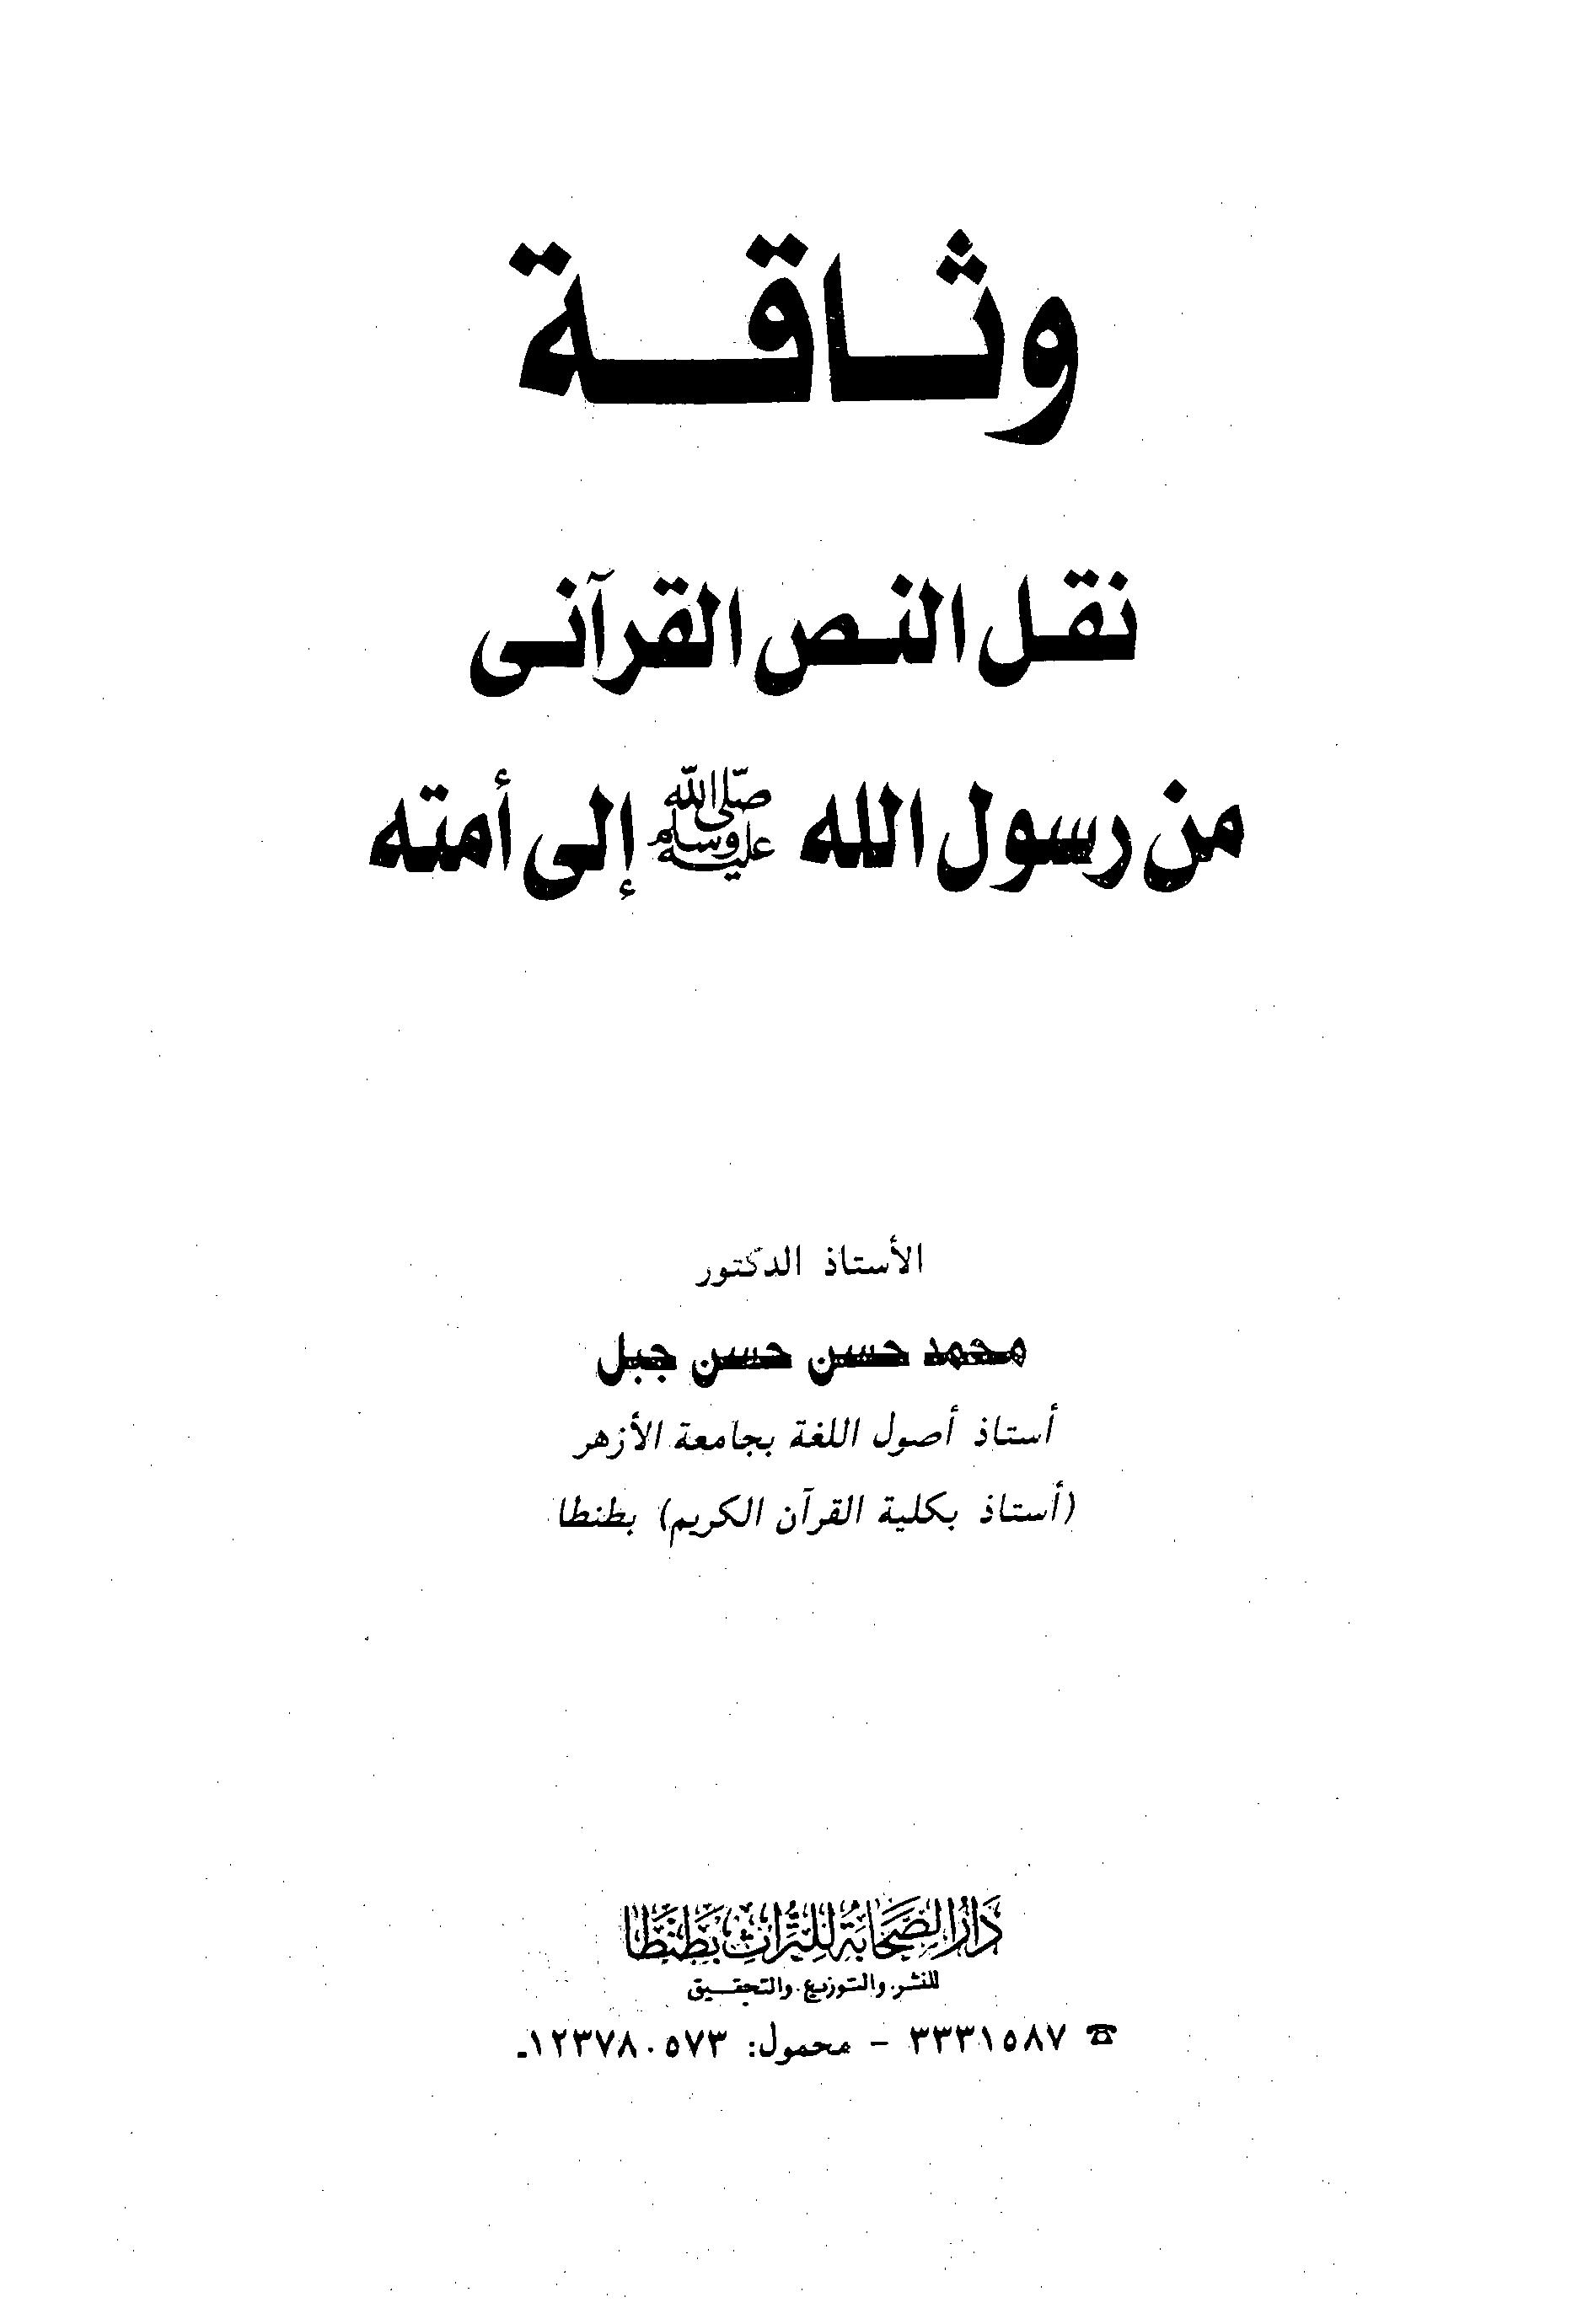 تحميل كتاب وثاقة نقل النص القرآني من رسول الله صلى الله عليه وسلم إلى أمته لـِ: الدكتور محمد حسن حسن جبل